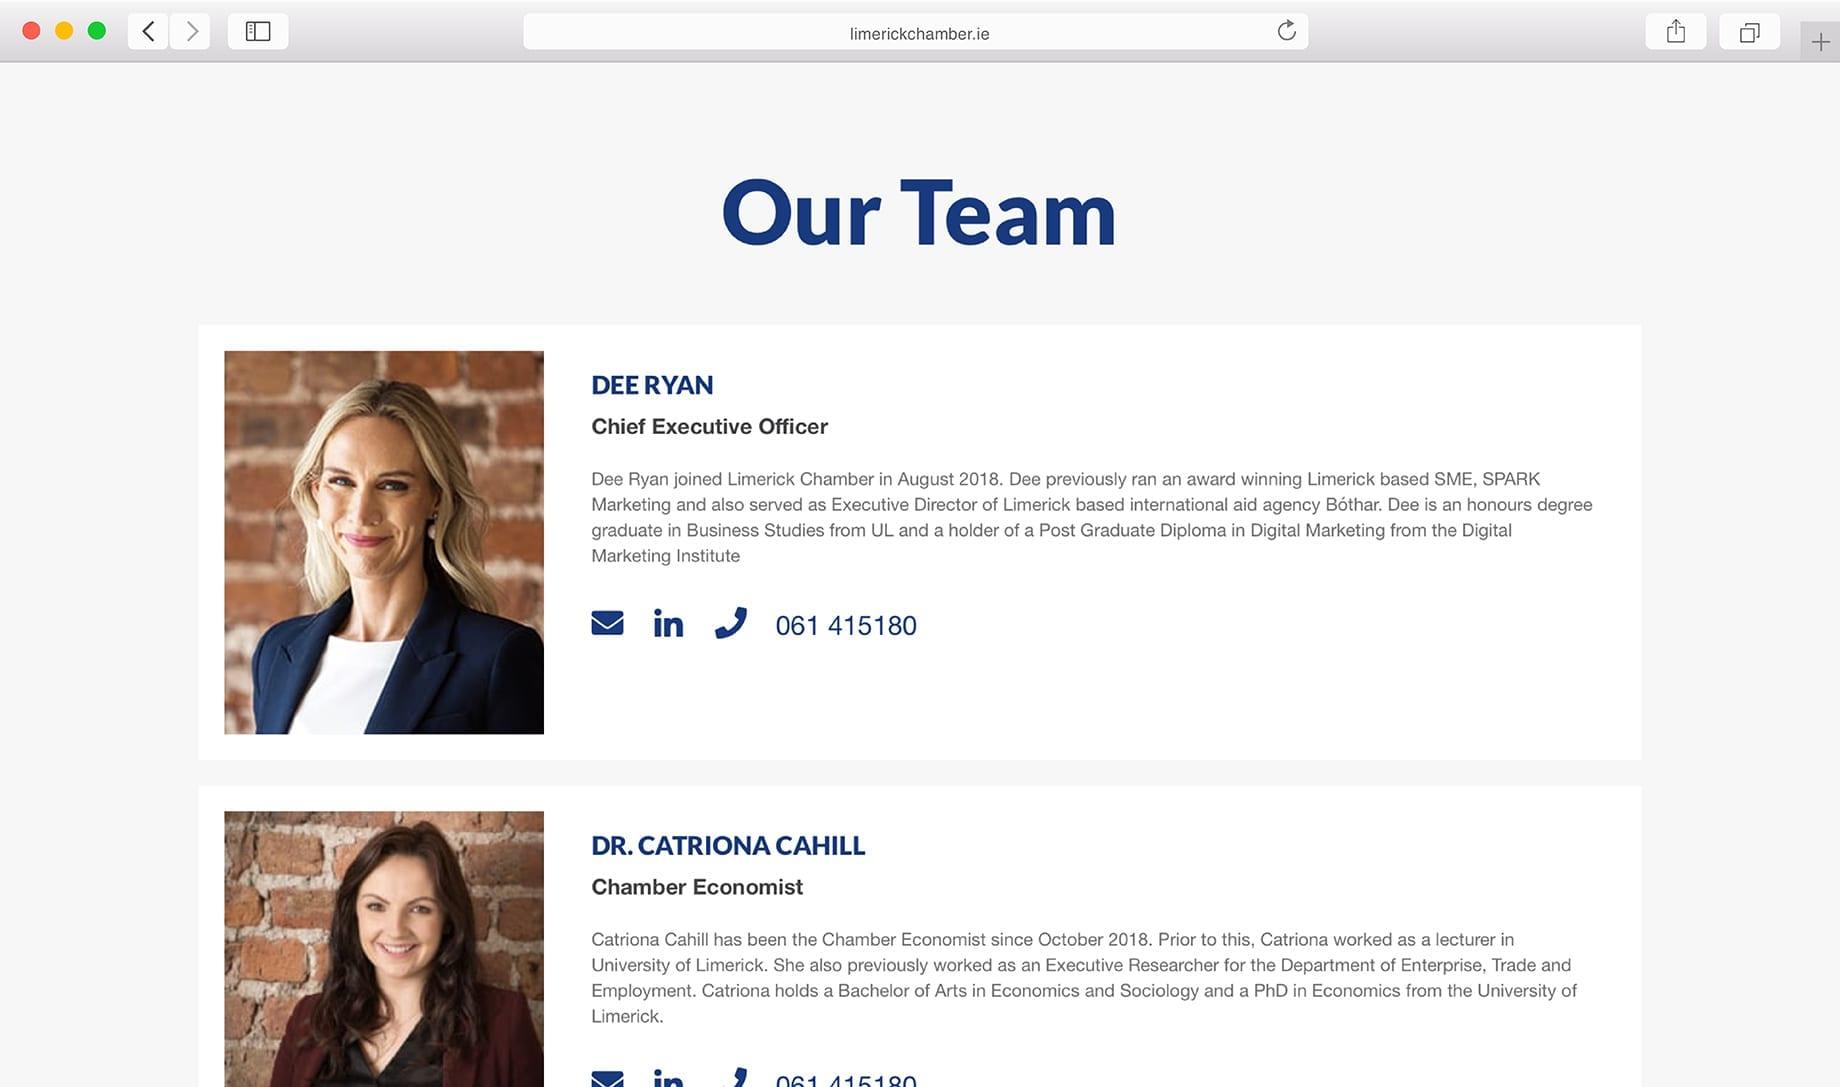 Limerick Chamber Staff Profiles